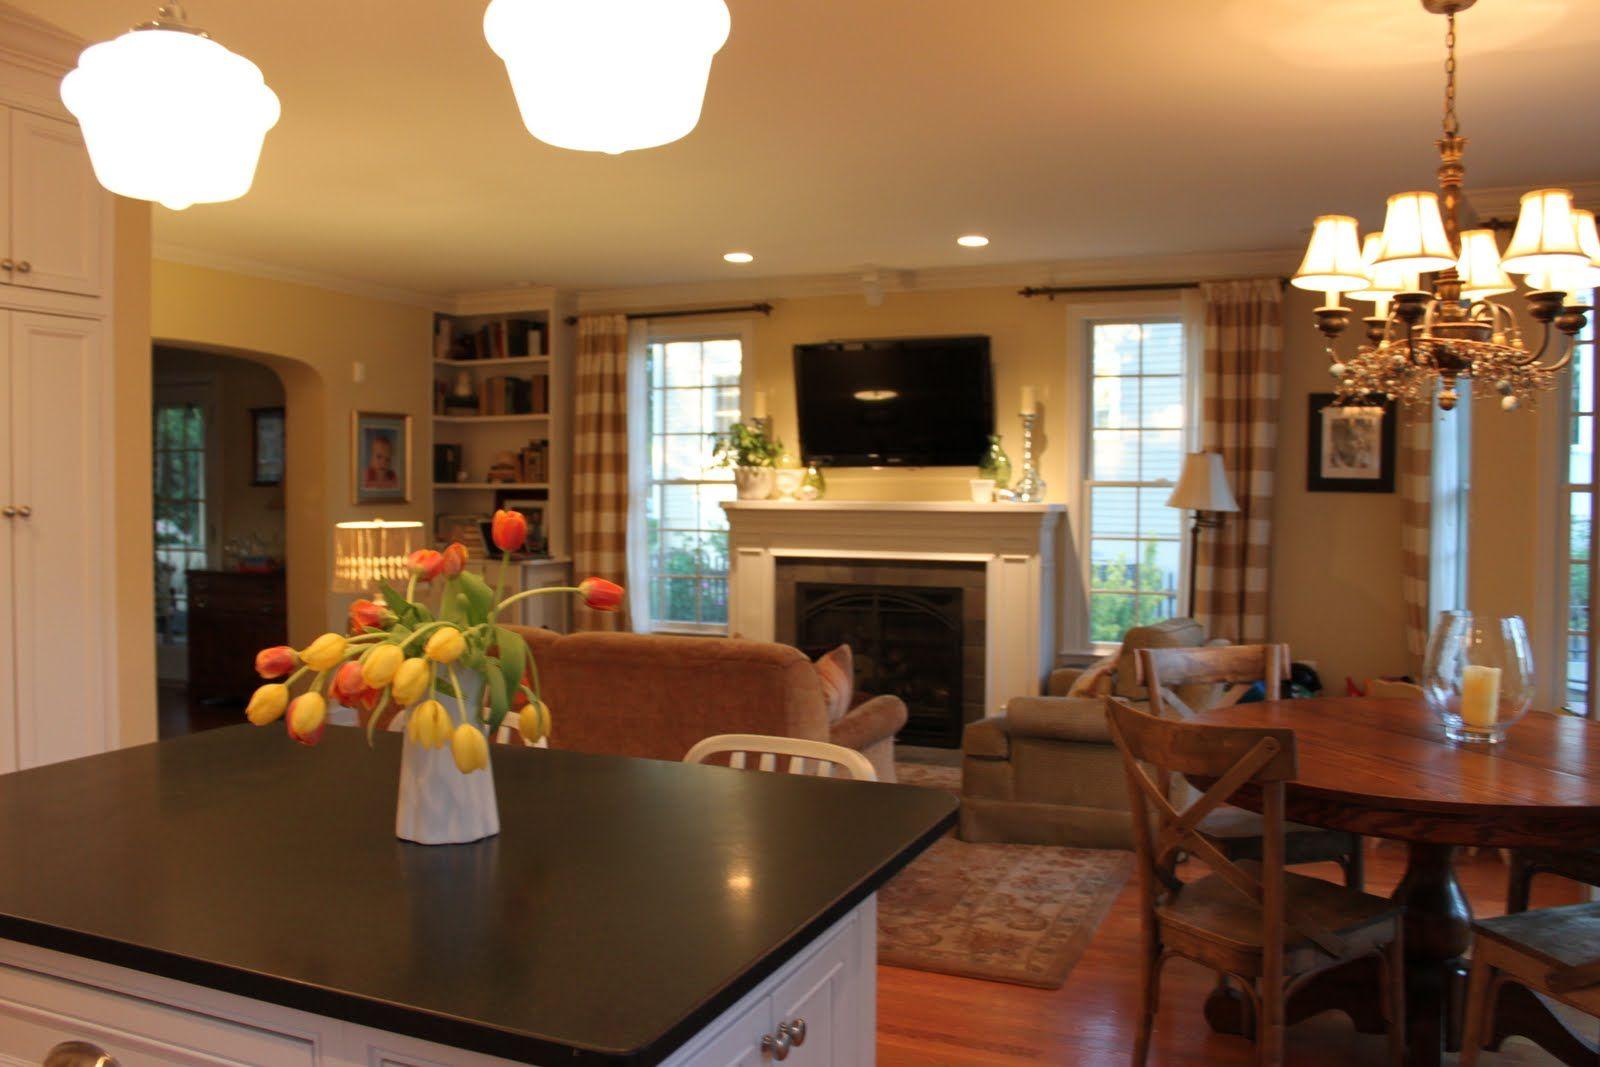 c9e794a8463ea63c034228d110b4576e - View Small House Small Open Kitchen Living Room Design  PNG